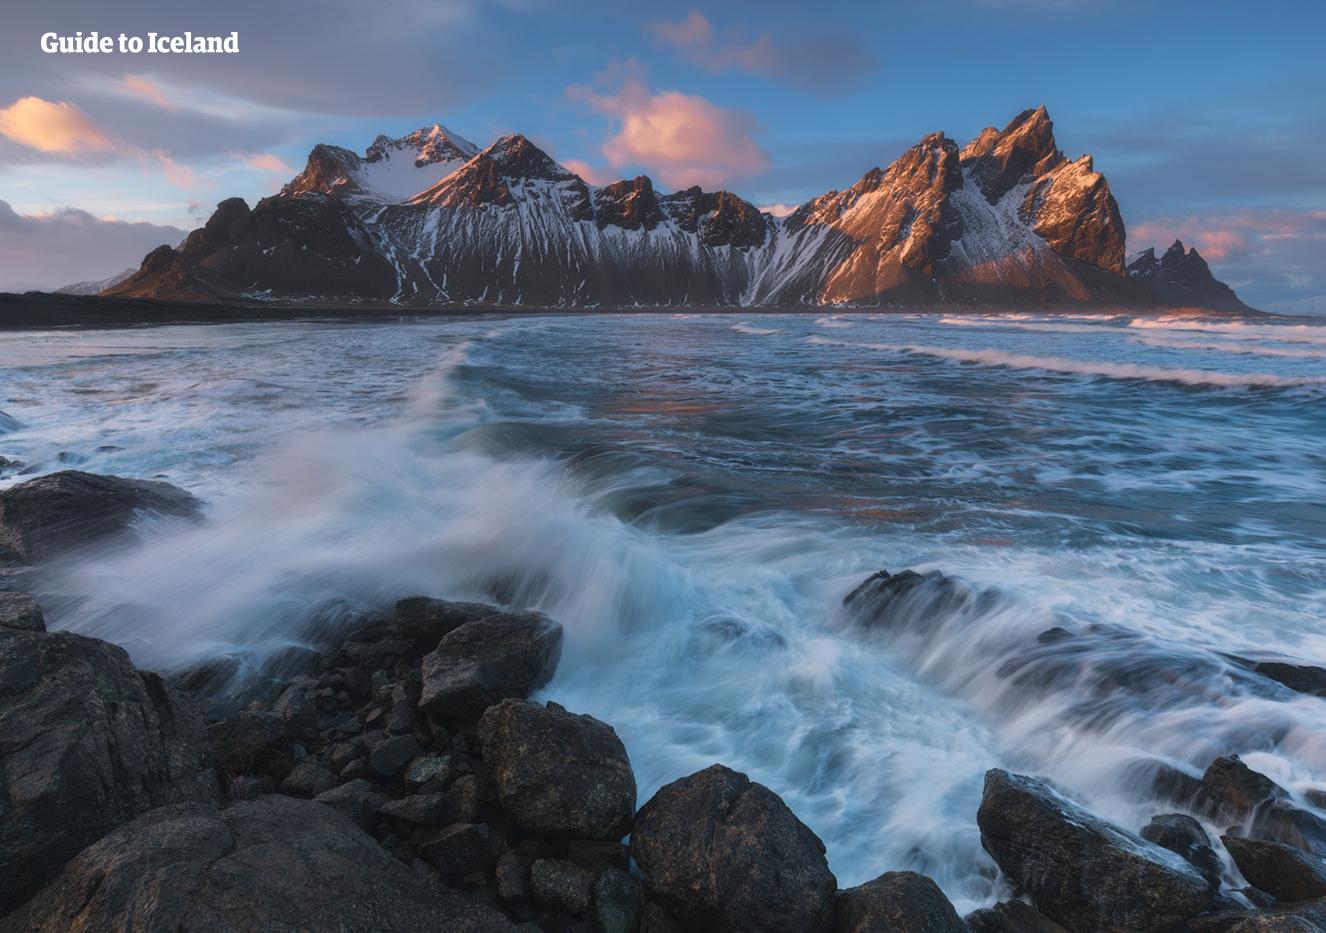 ภูเขาเวสตราฮอร์นบนคาบสมุทรสตอกกเนสส์ ดูแหลมคม, โดดเด่น, และถ่ายภาพได้งดงามโดยเฉพาะอย่างยิ่งเมื่อถูกปกคลุมด้วยหิมะในช่วงฤดูหนาว.